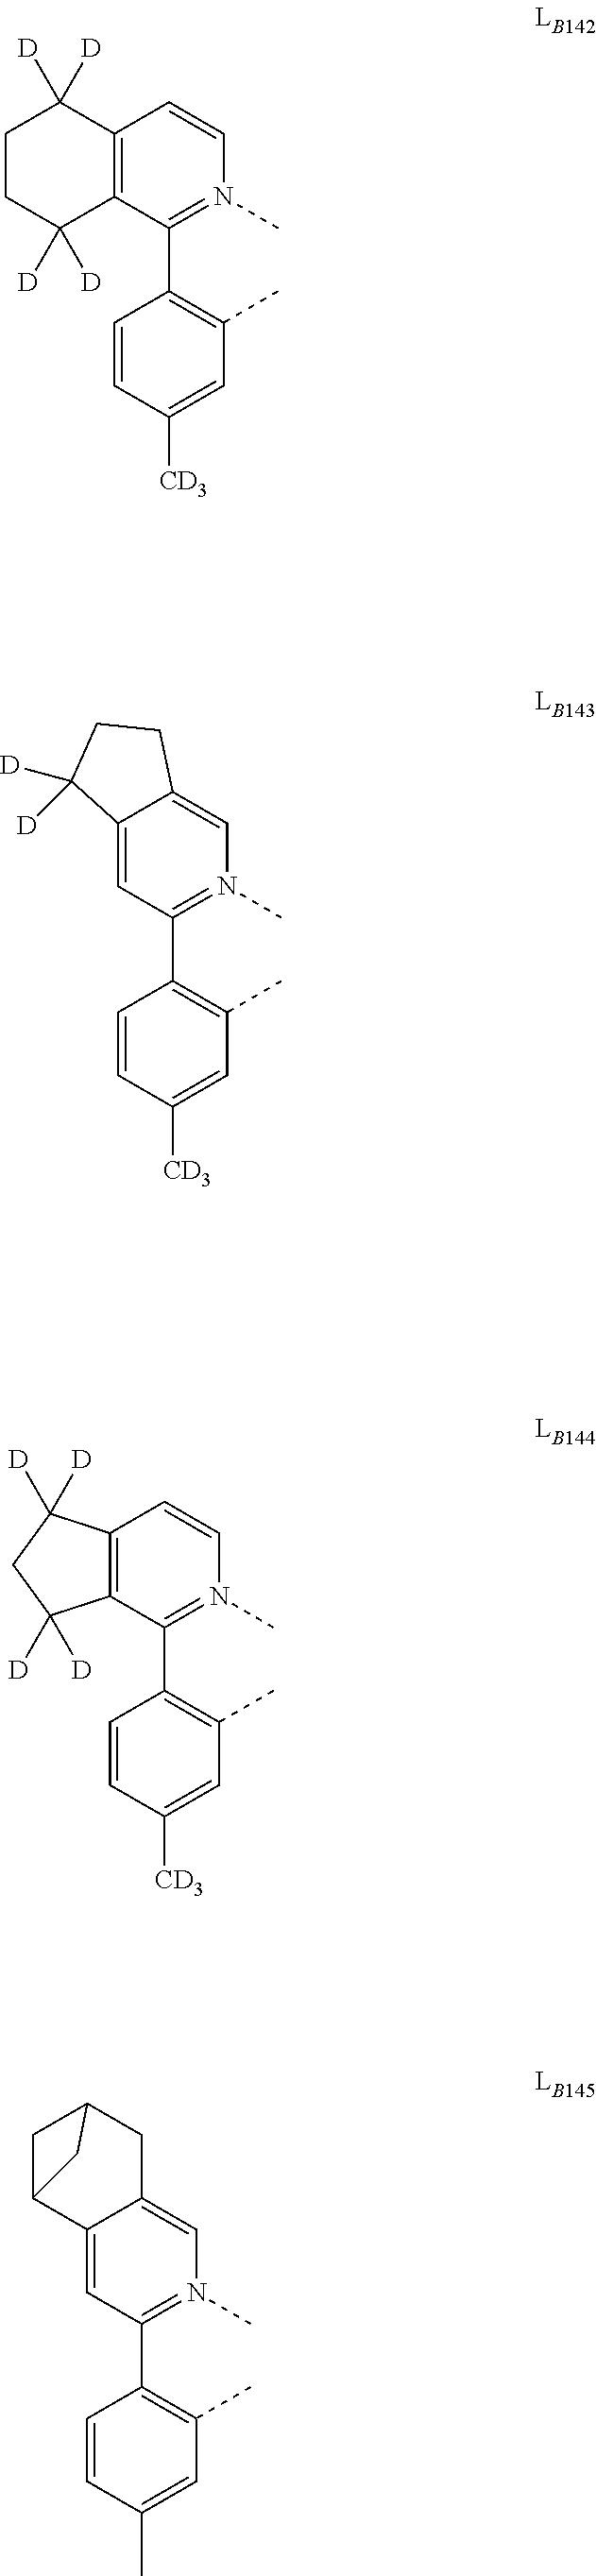 Figure US09929360-20180327-C00067